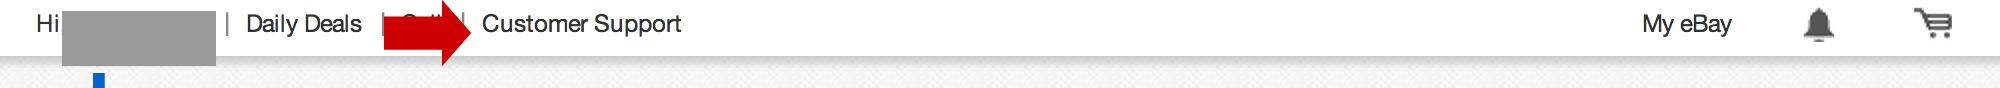 スクリーンショット 2014-08-04 20.12.39